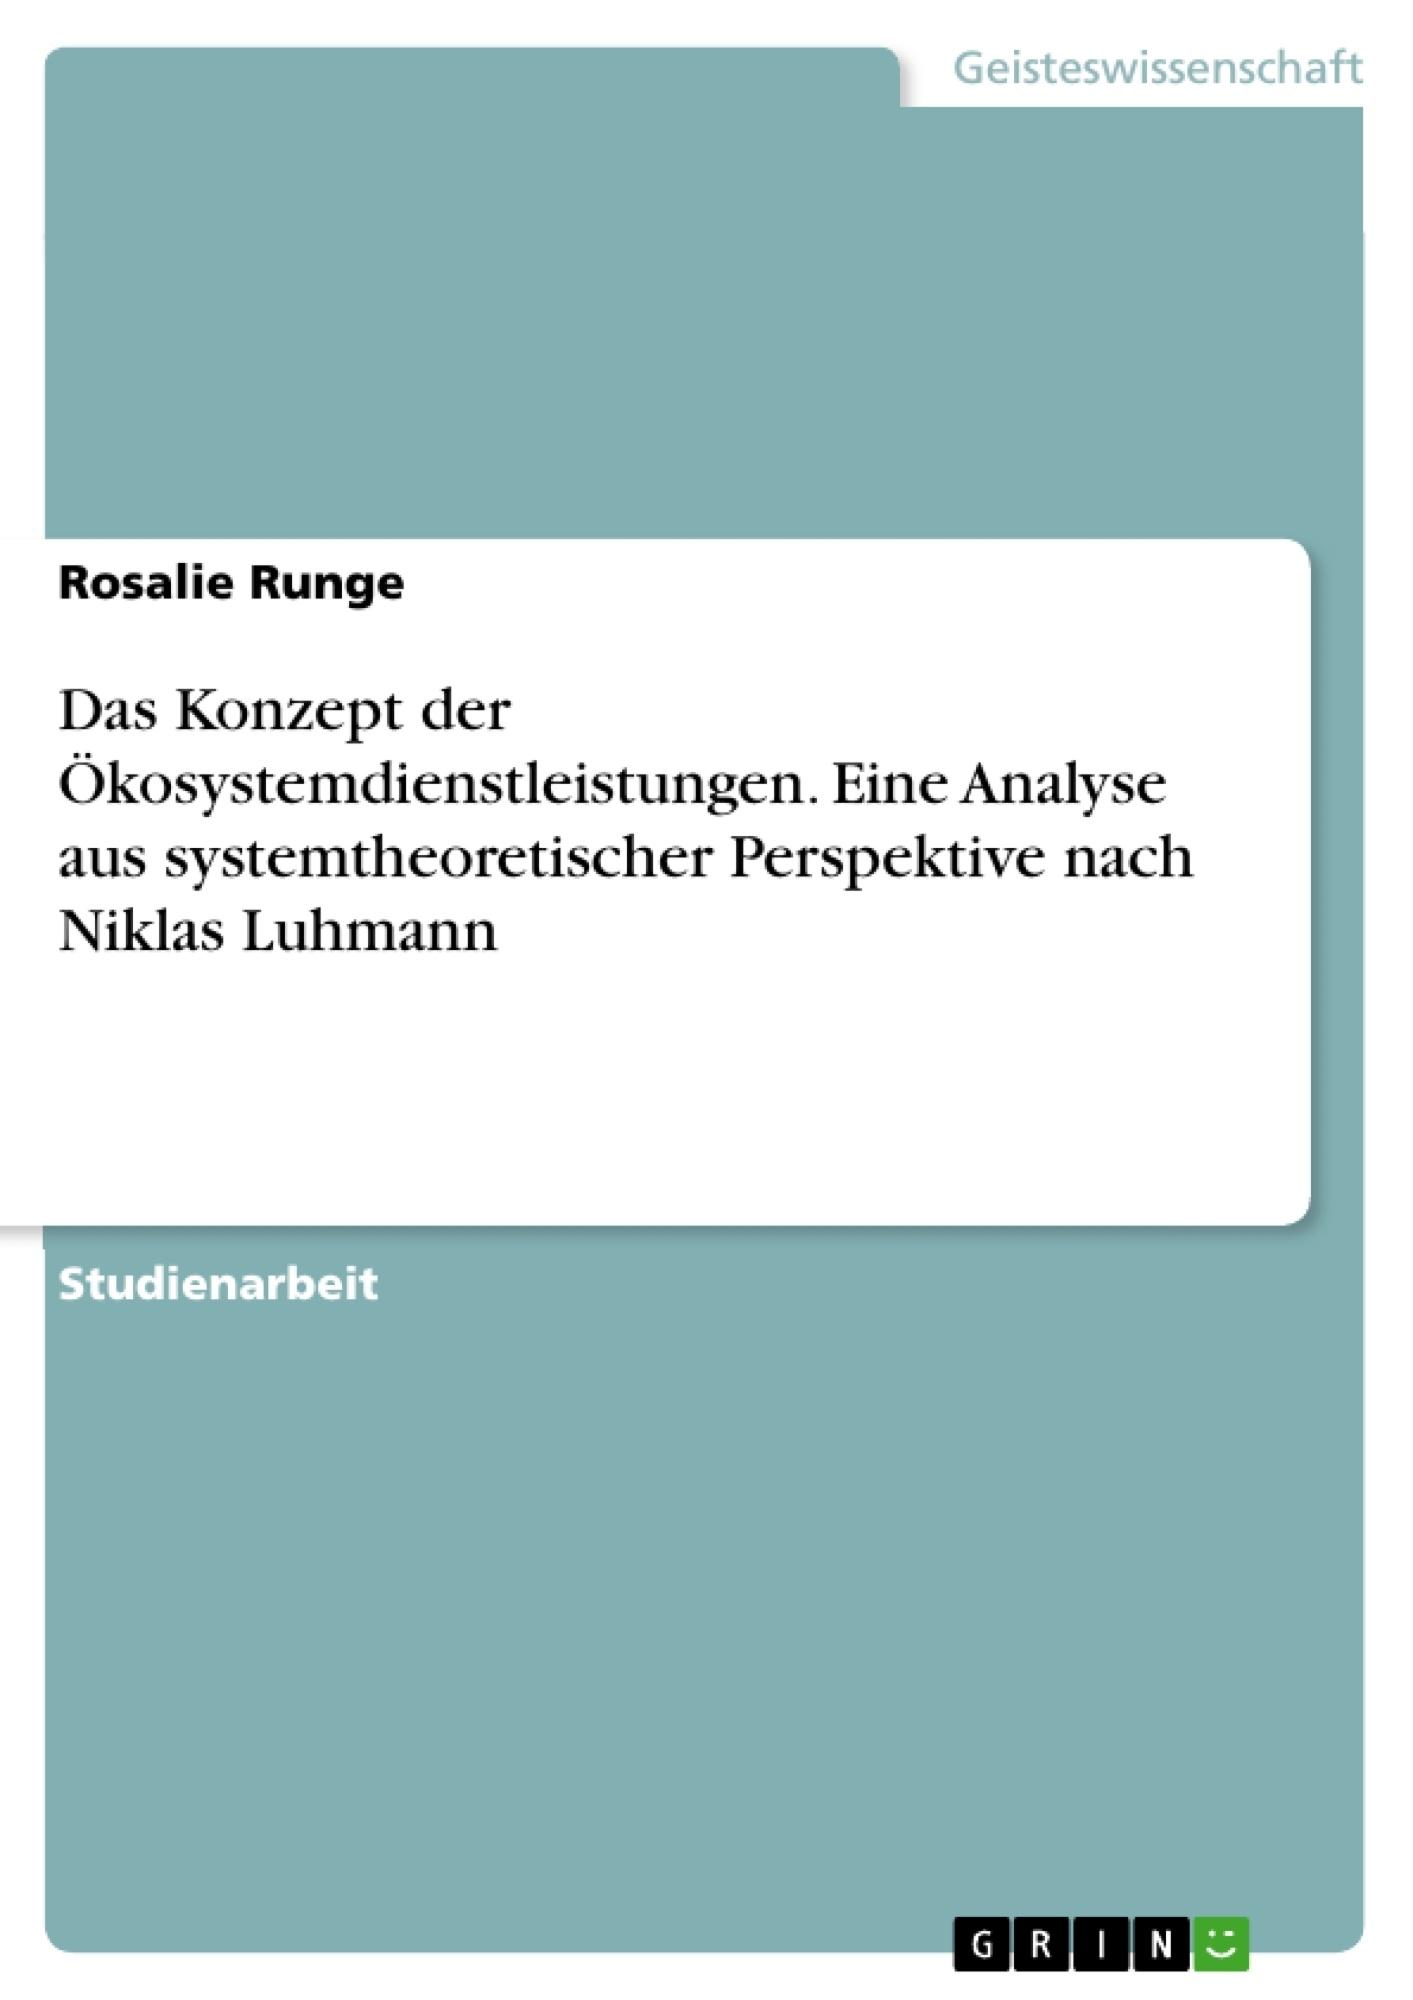 Titel: Das Konzept der Ökosystemdienstleistungen. Eine Analyse aus systemtheoretischer Perspektive nach Niklas Luhmann